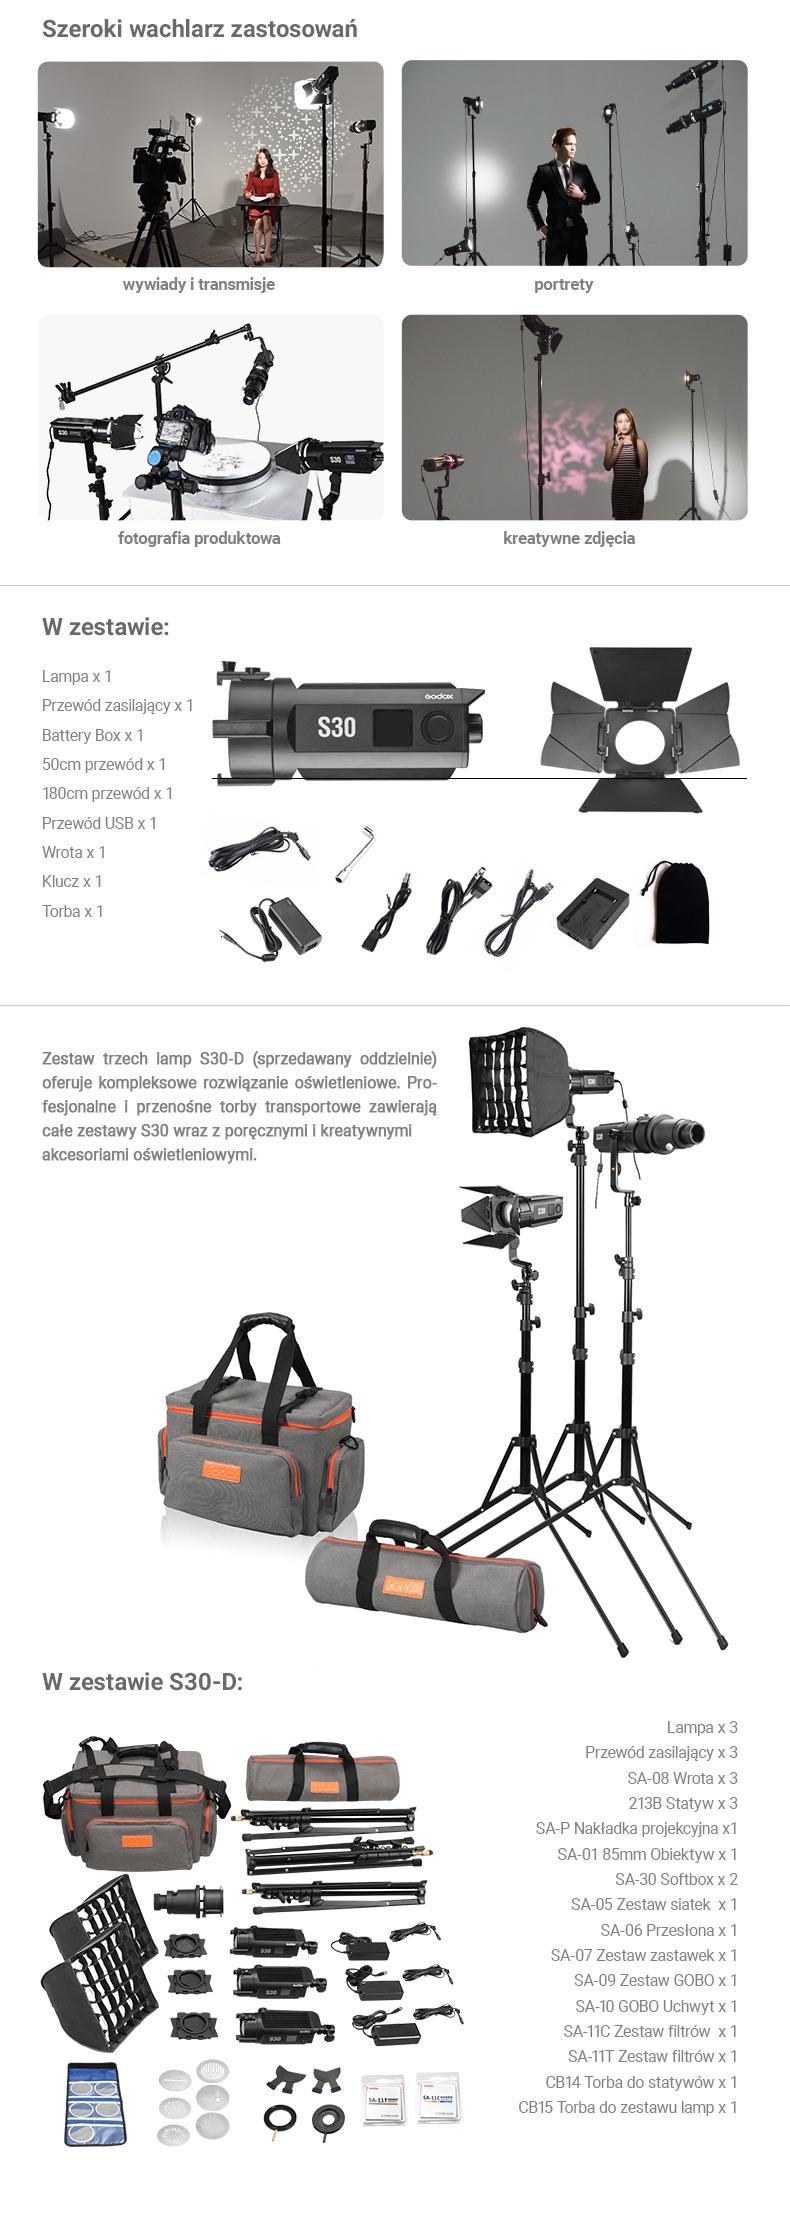 Godox S30 LED - szeroki wachlarz zastosowań. W zestawie: Lampa, wrota, zasilacz. Do fotografii produktowej, portretu, kreatywnego świetlenia, transmisji, wideo. Zestaw S30D zawiera trzy lampy S30.